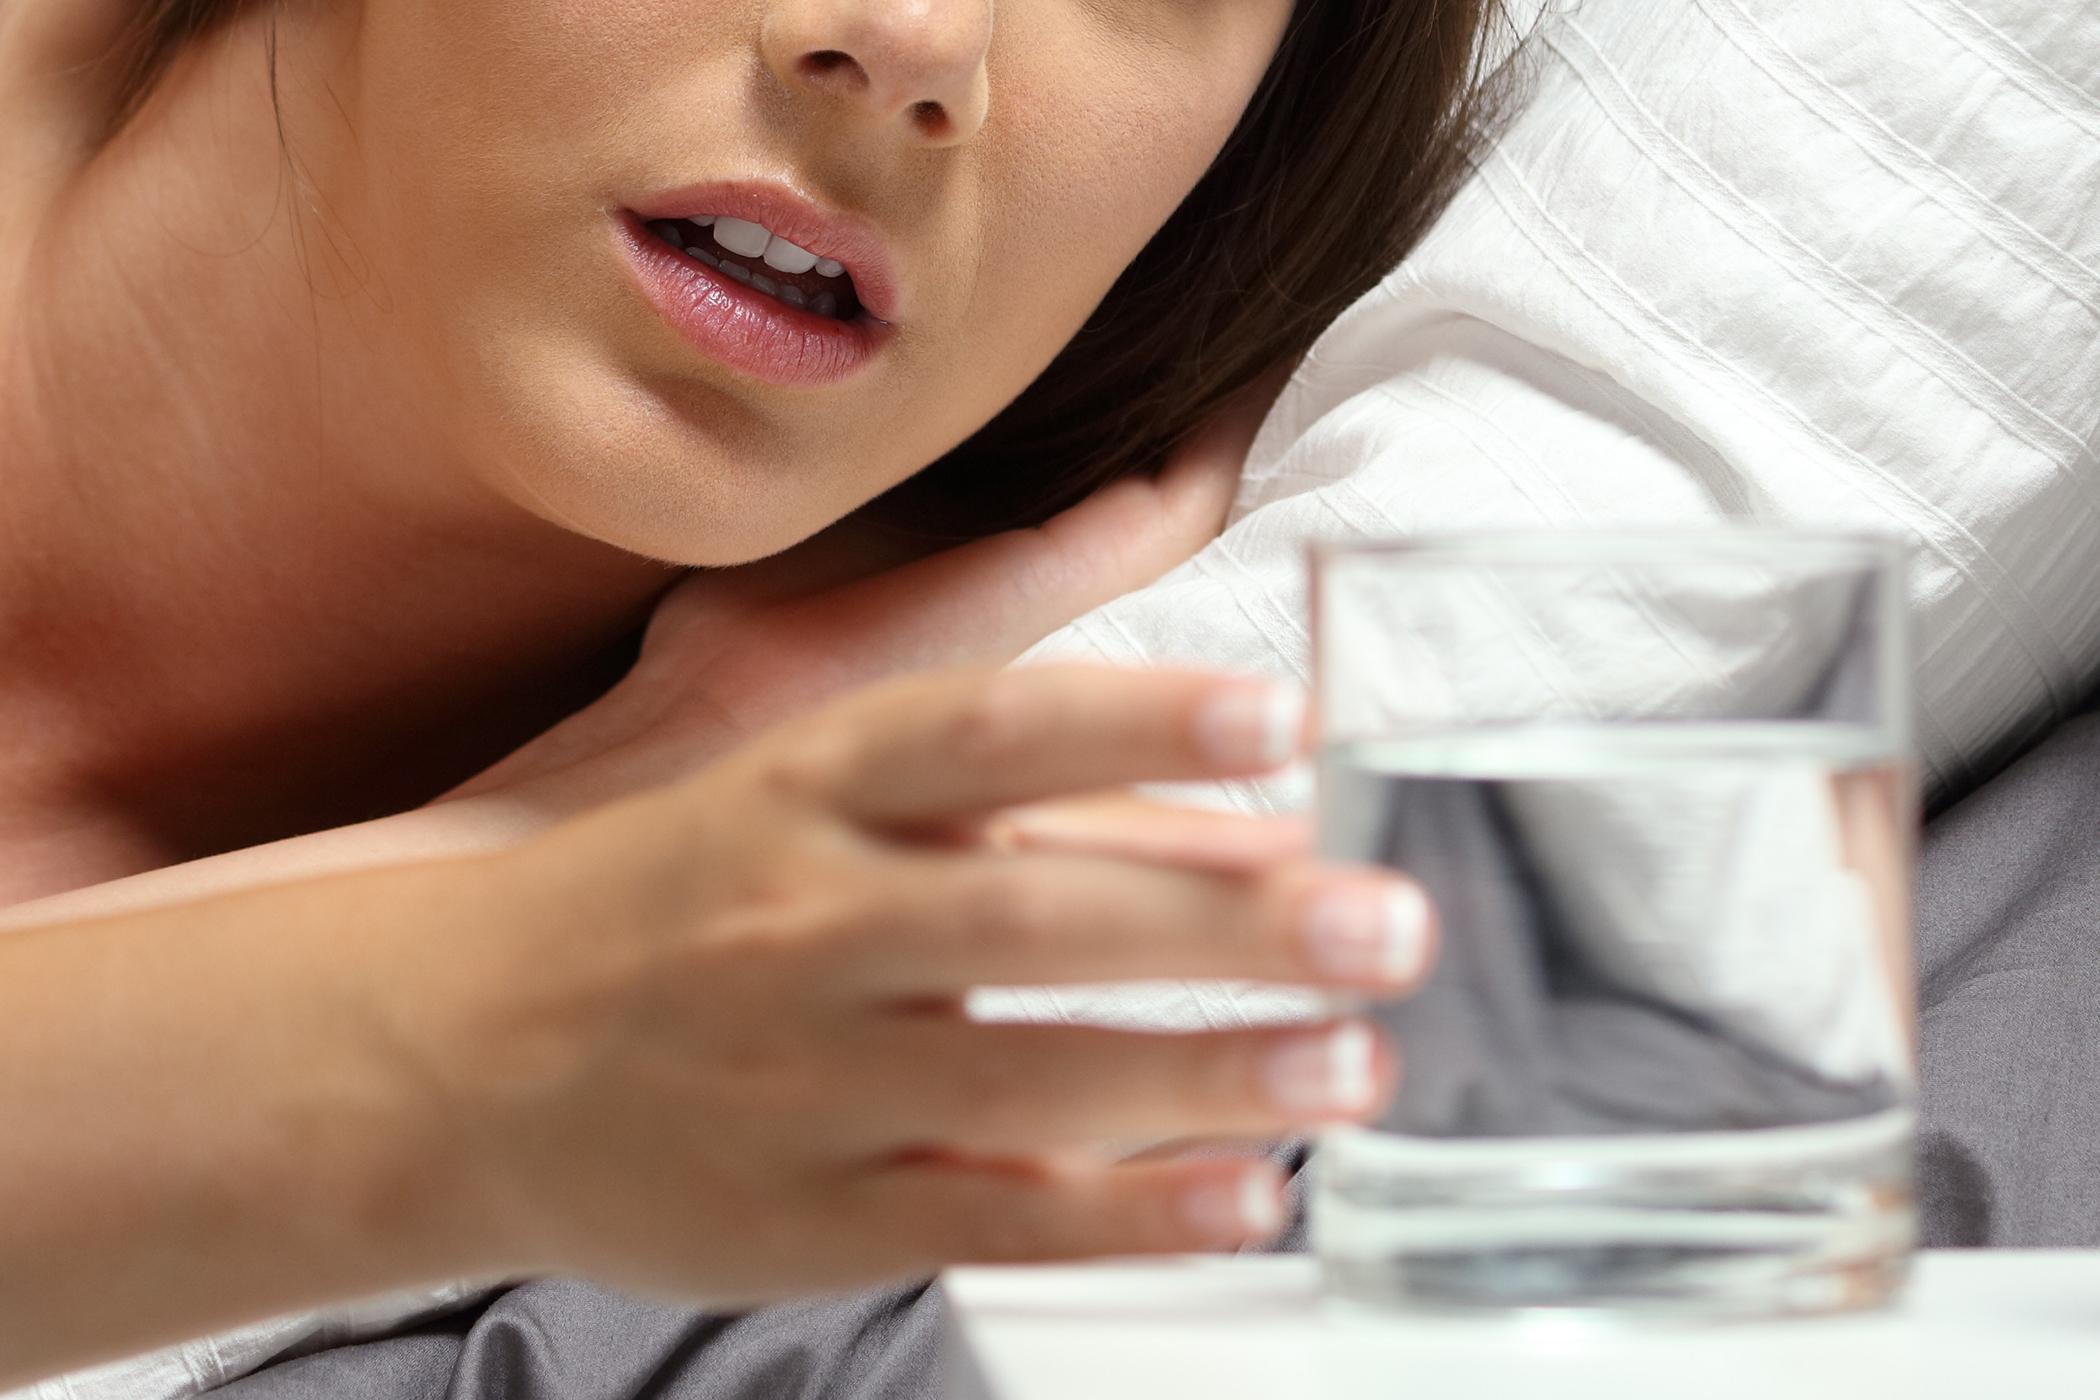 magas vérnyomás szájszárazság cukorbetegség magas vérnyomásának gyógymódjai